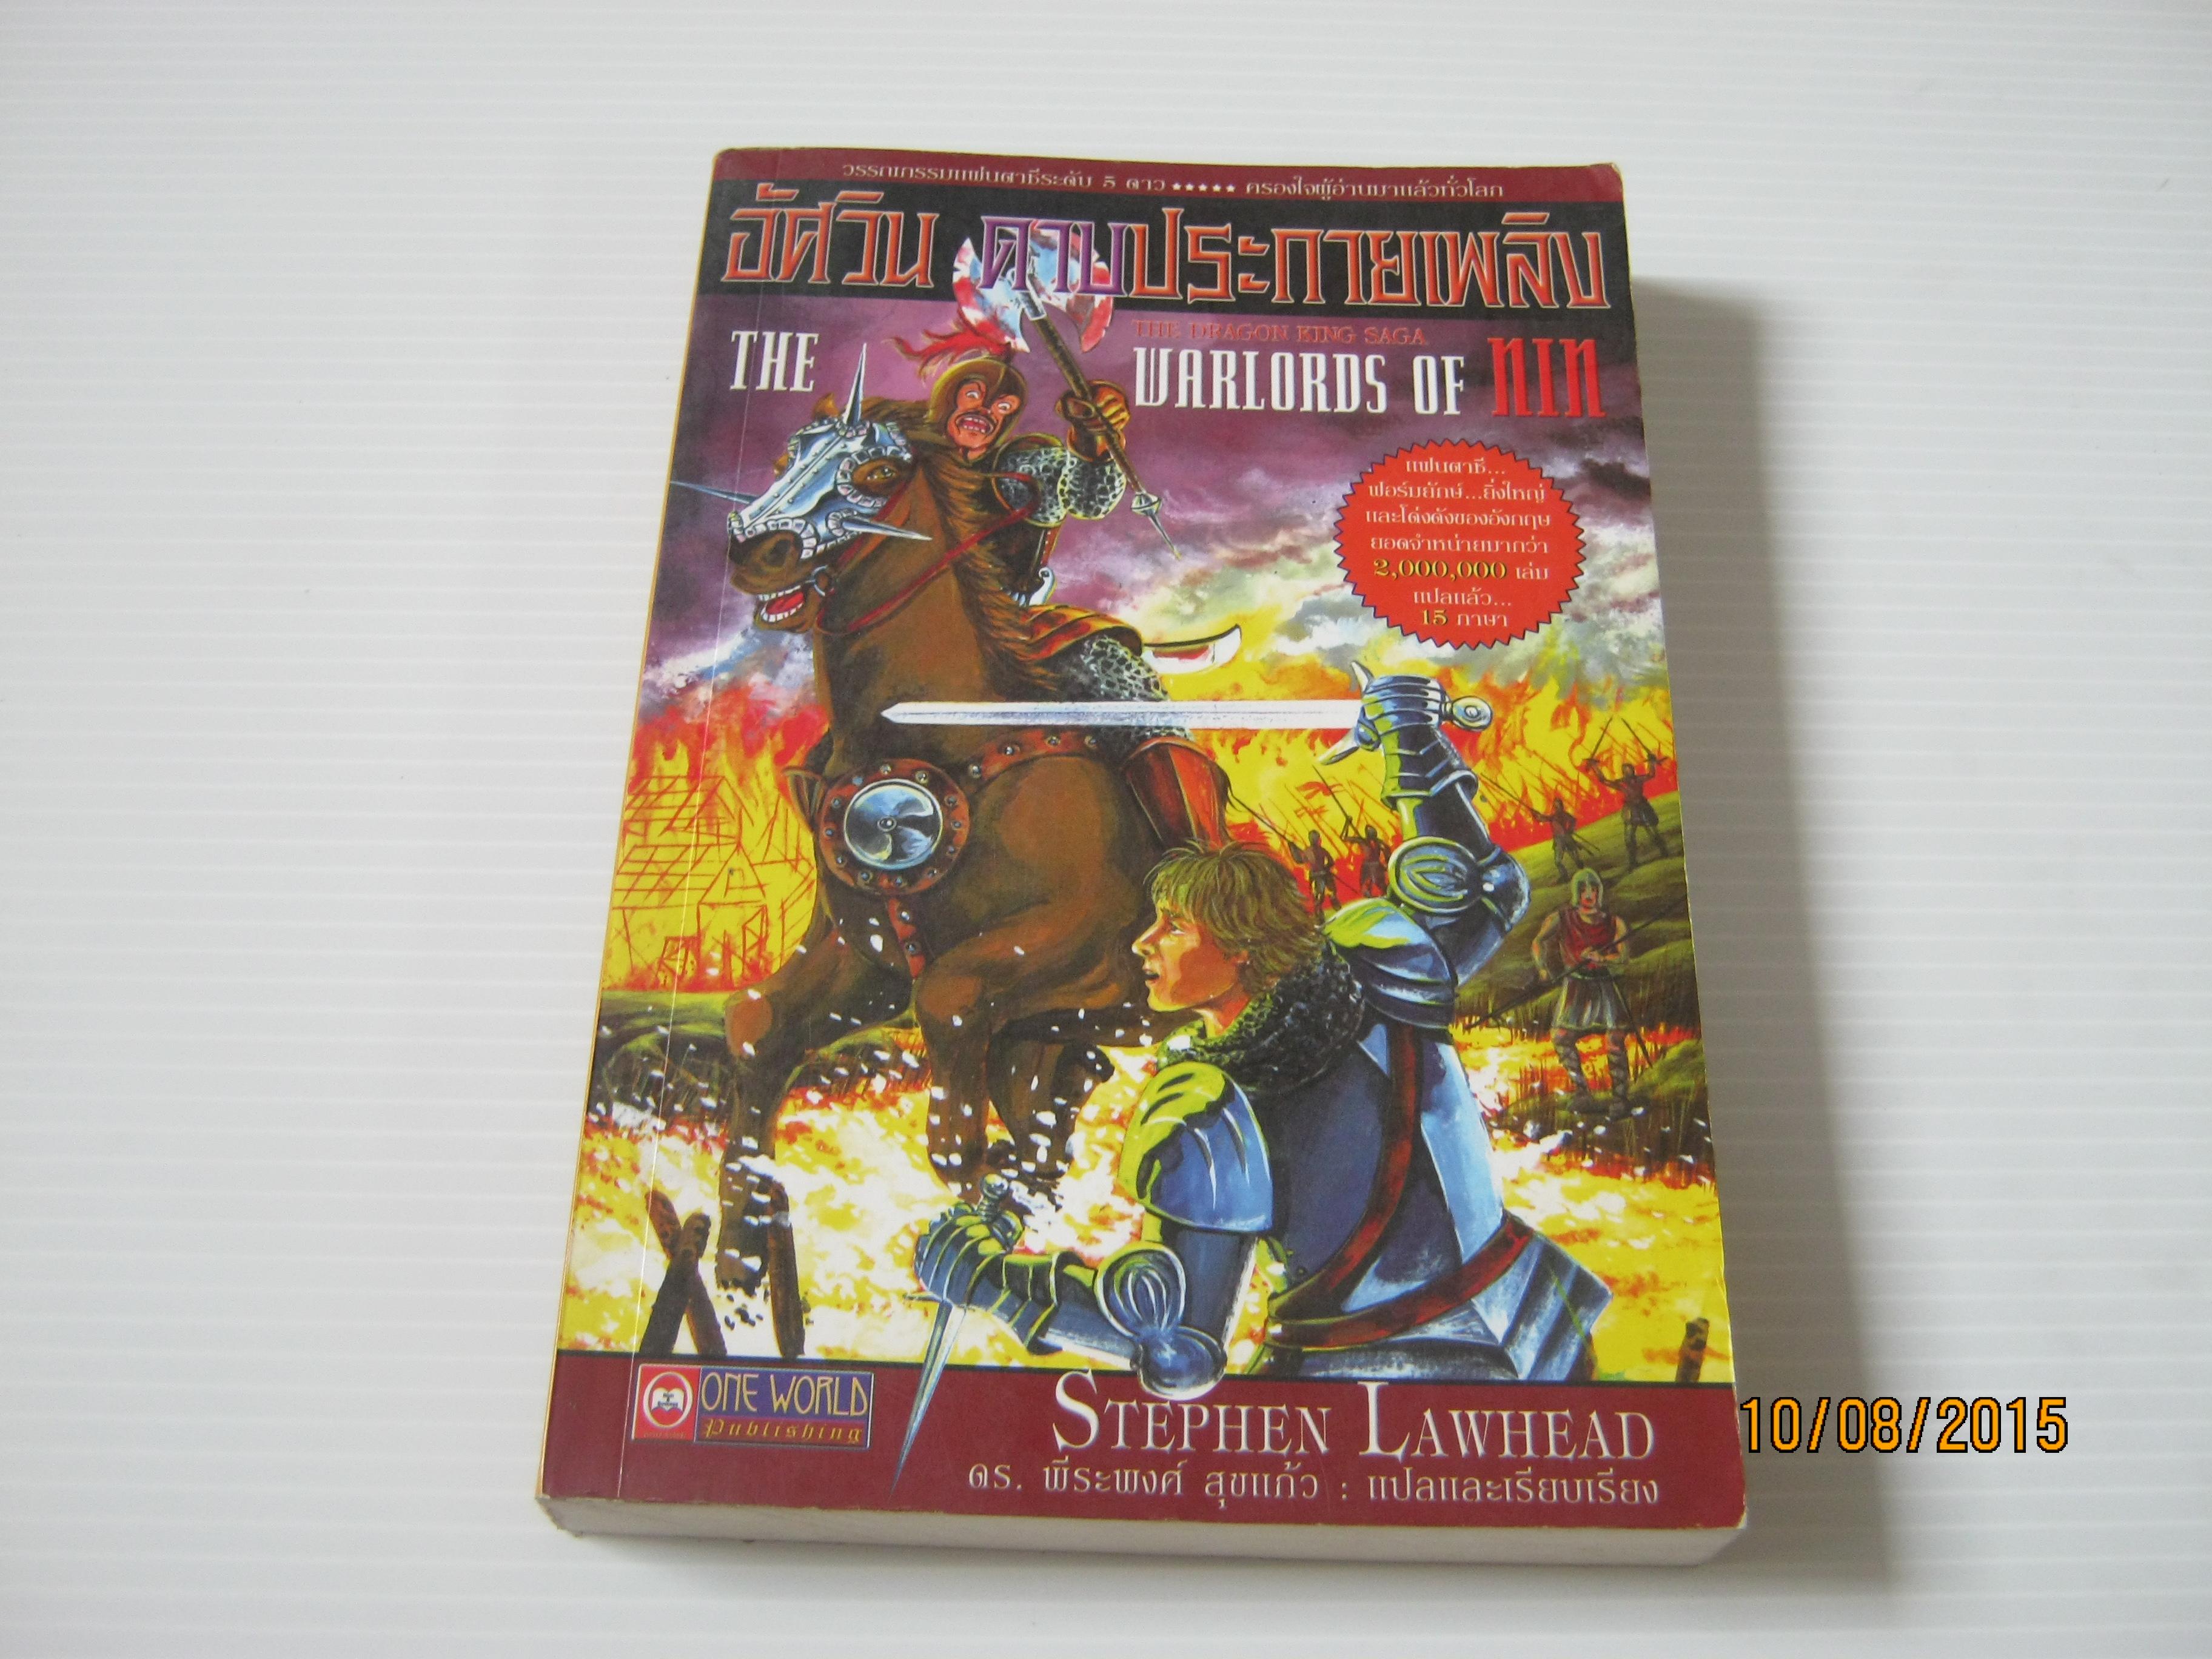 อัศวินดาบประกายเพลิง (The Warlords of Nin) Stephen Lawhead เขียน ดร.พีระพงศ์ สุขแก้ว แปลและเรียบเรียง